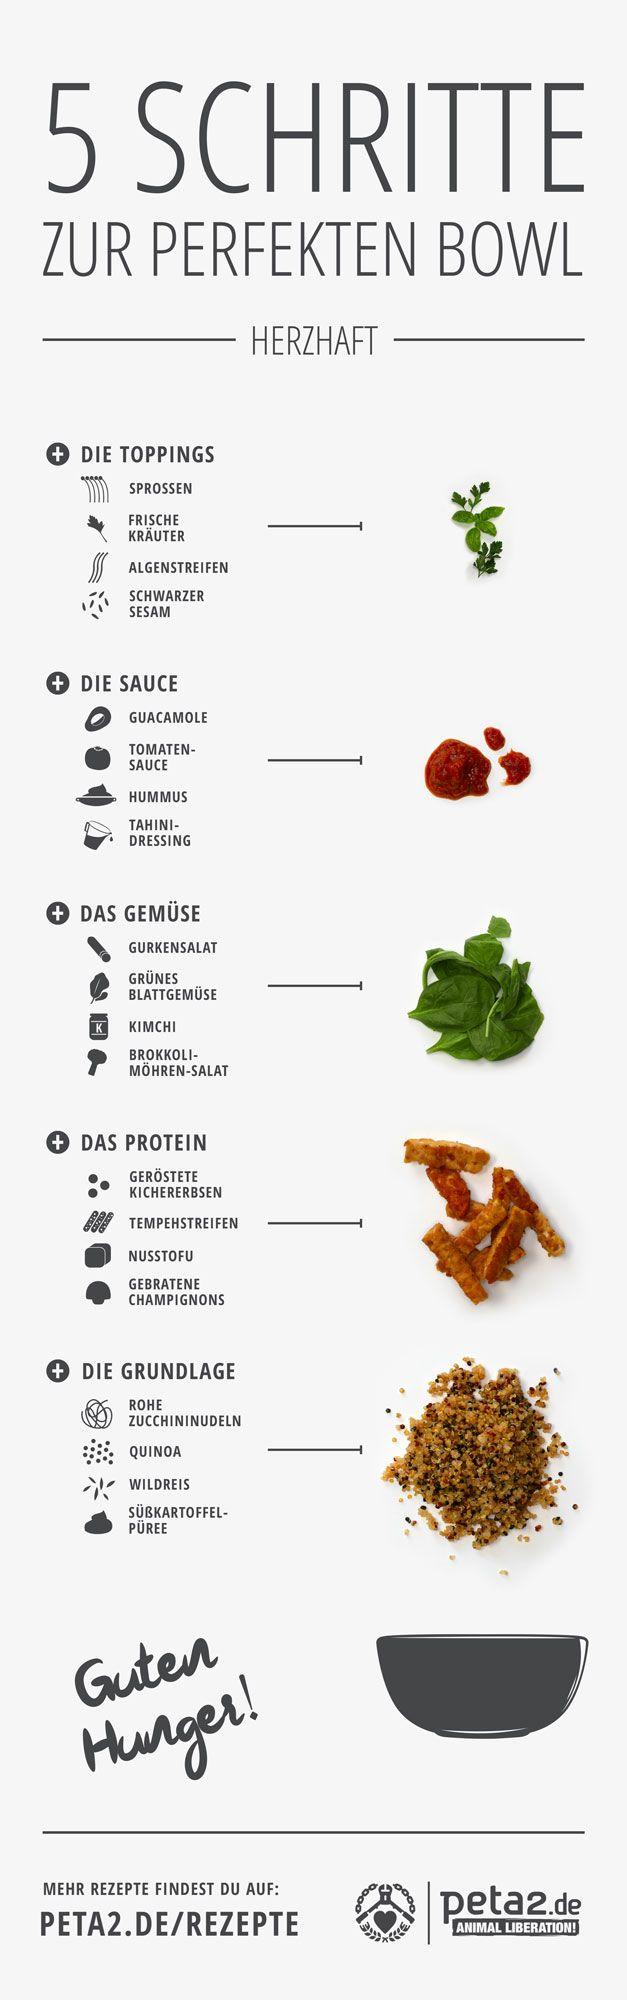 In 5 Schritten zur perfekten Bowl - Ideen auch für Paleo - Zucchininudeln oder Süßkartoffelpürree als Grundlage